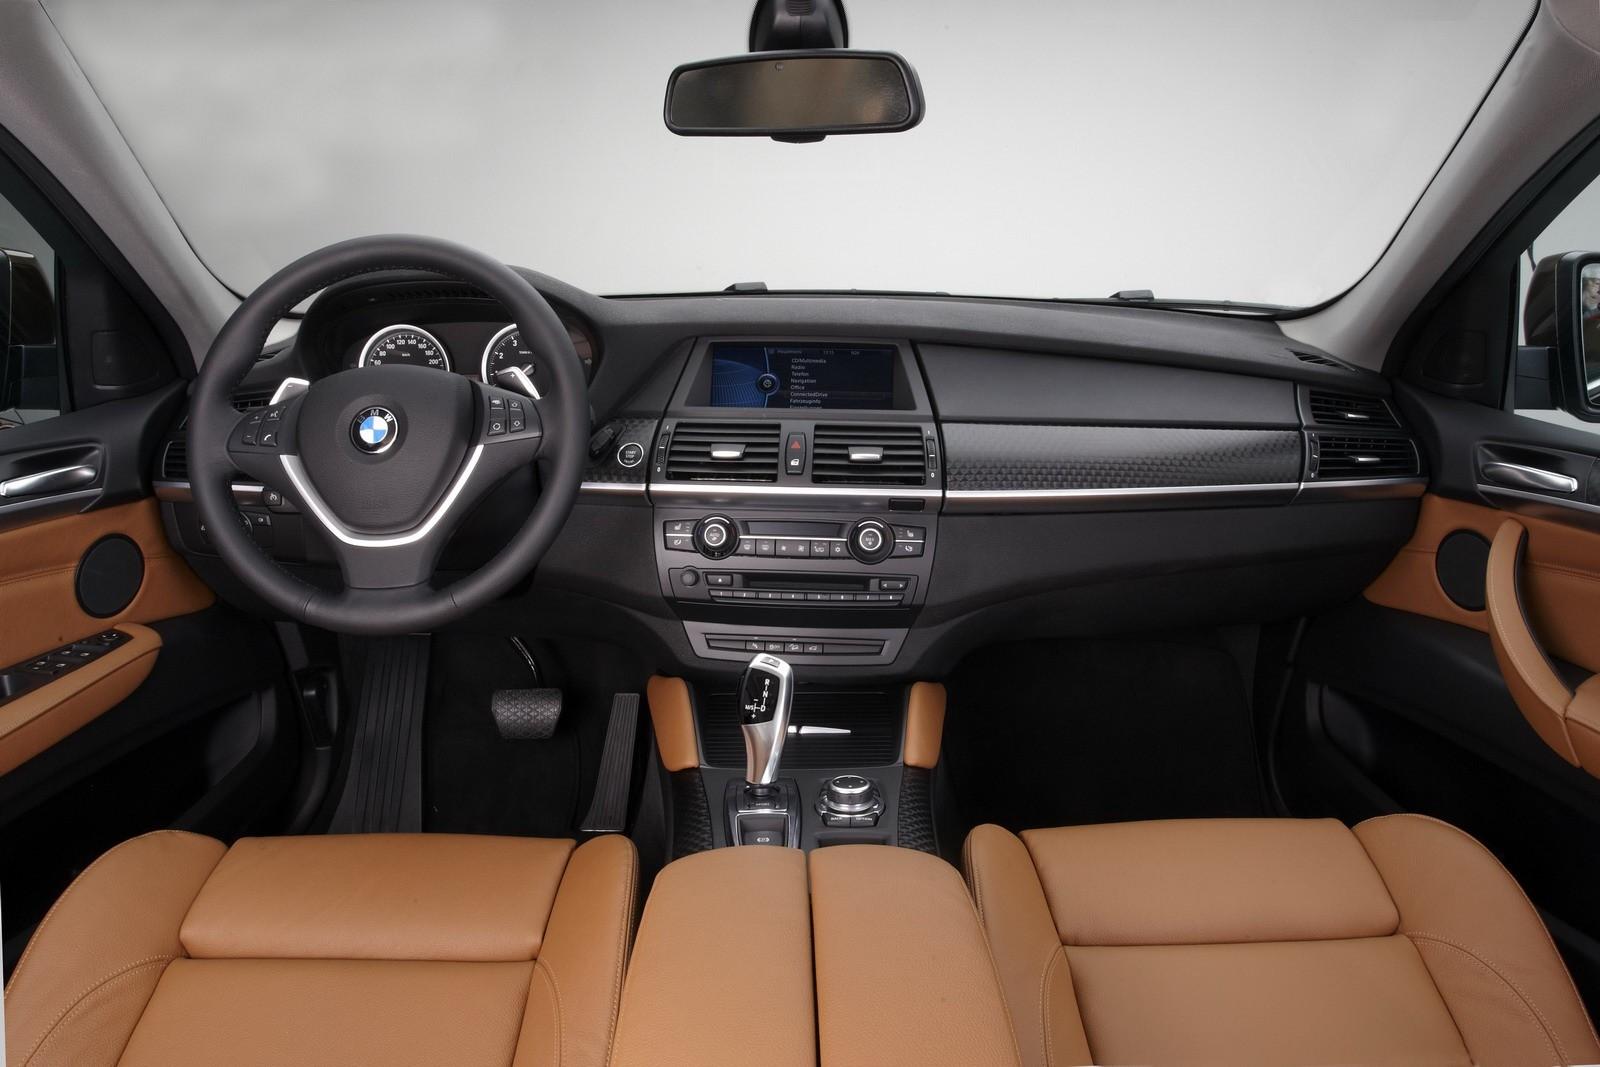 2013 BMW X6 и Х6М: официальные фотографии и характеристики ...